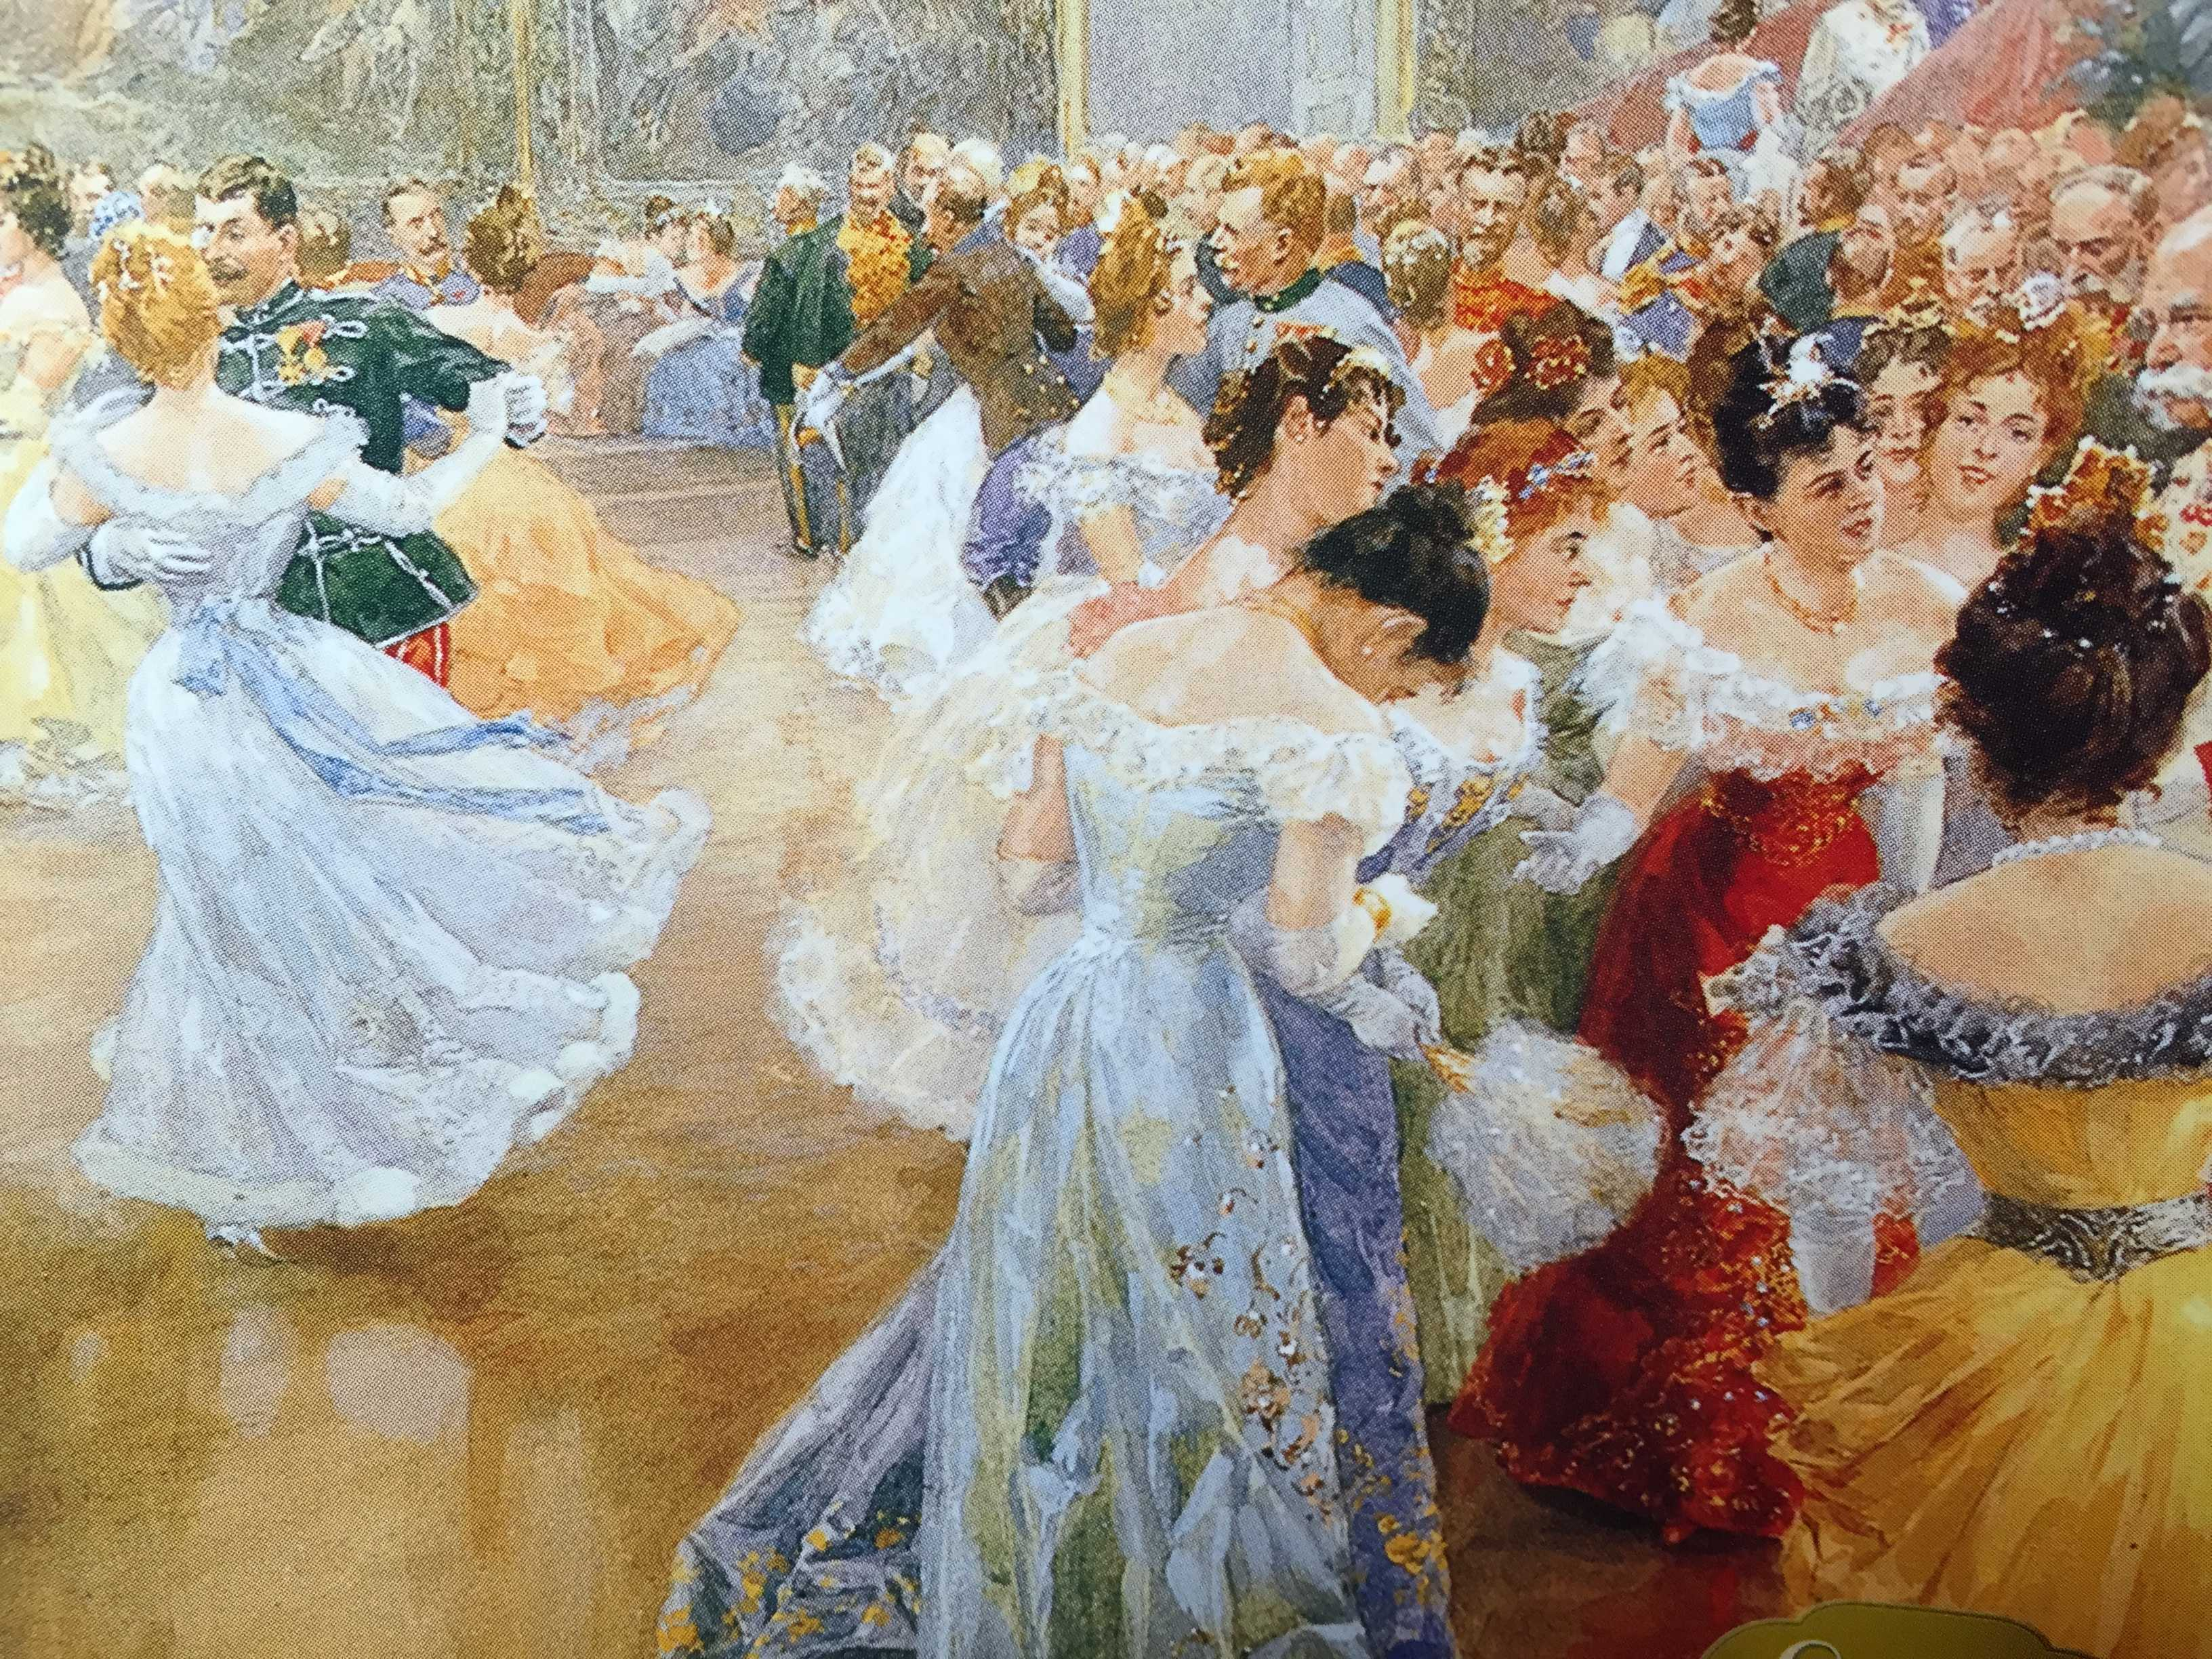 ウィーンの舞踏会(社交界)